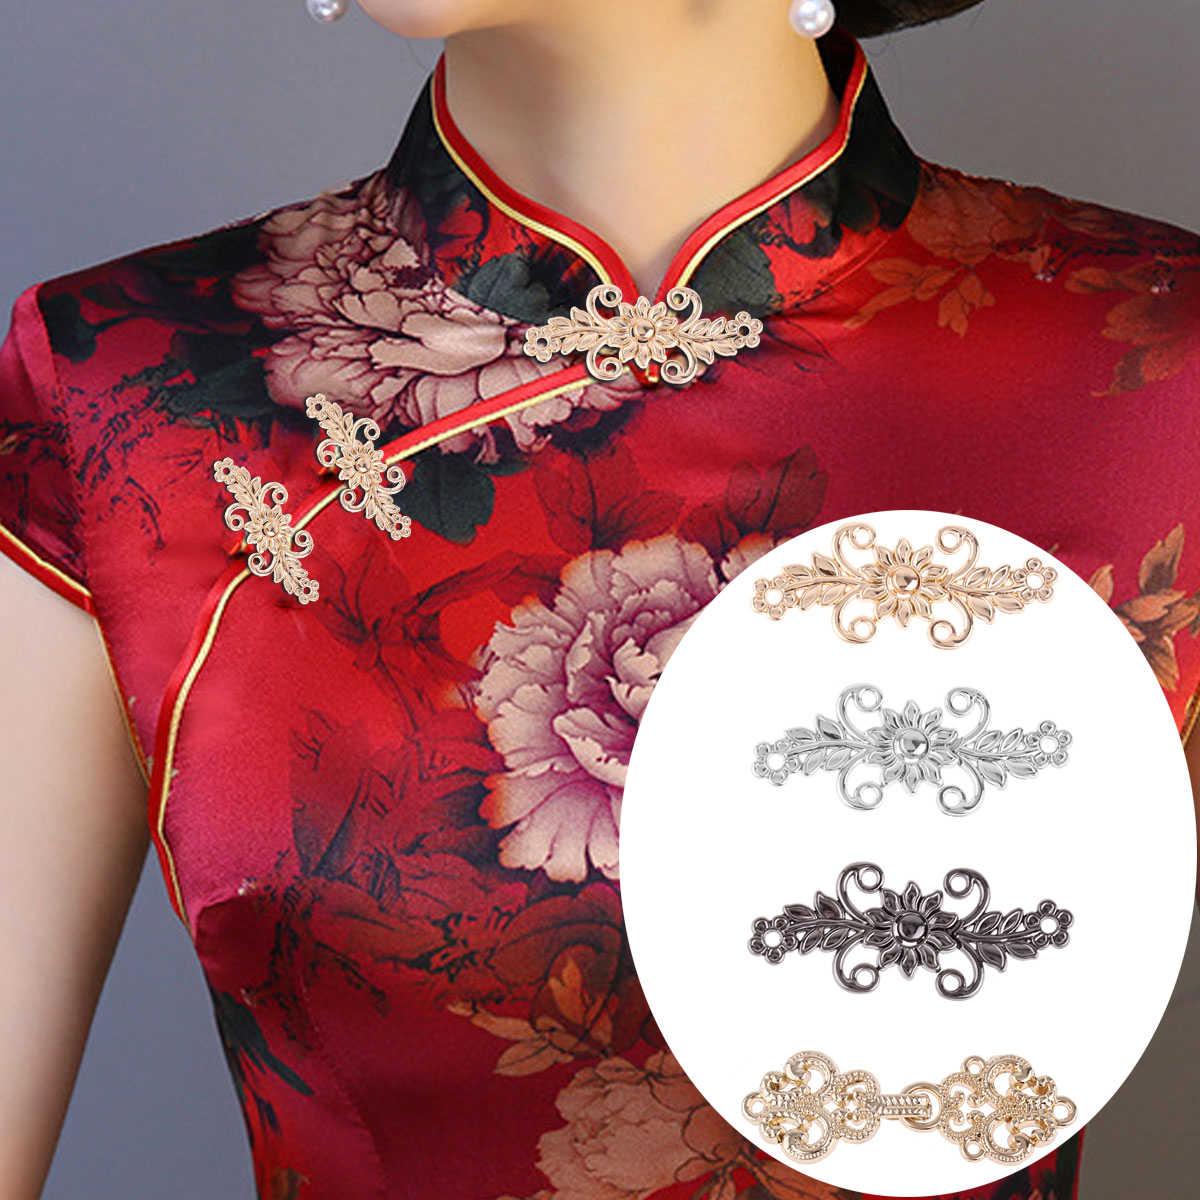 5 пар китайский узел накидка с пуговицами застежка-молния кардиган клип китайская лягушка застежка кнопка для одежды платье с хризантемами